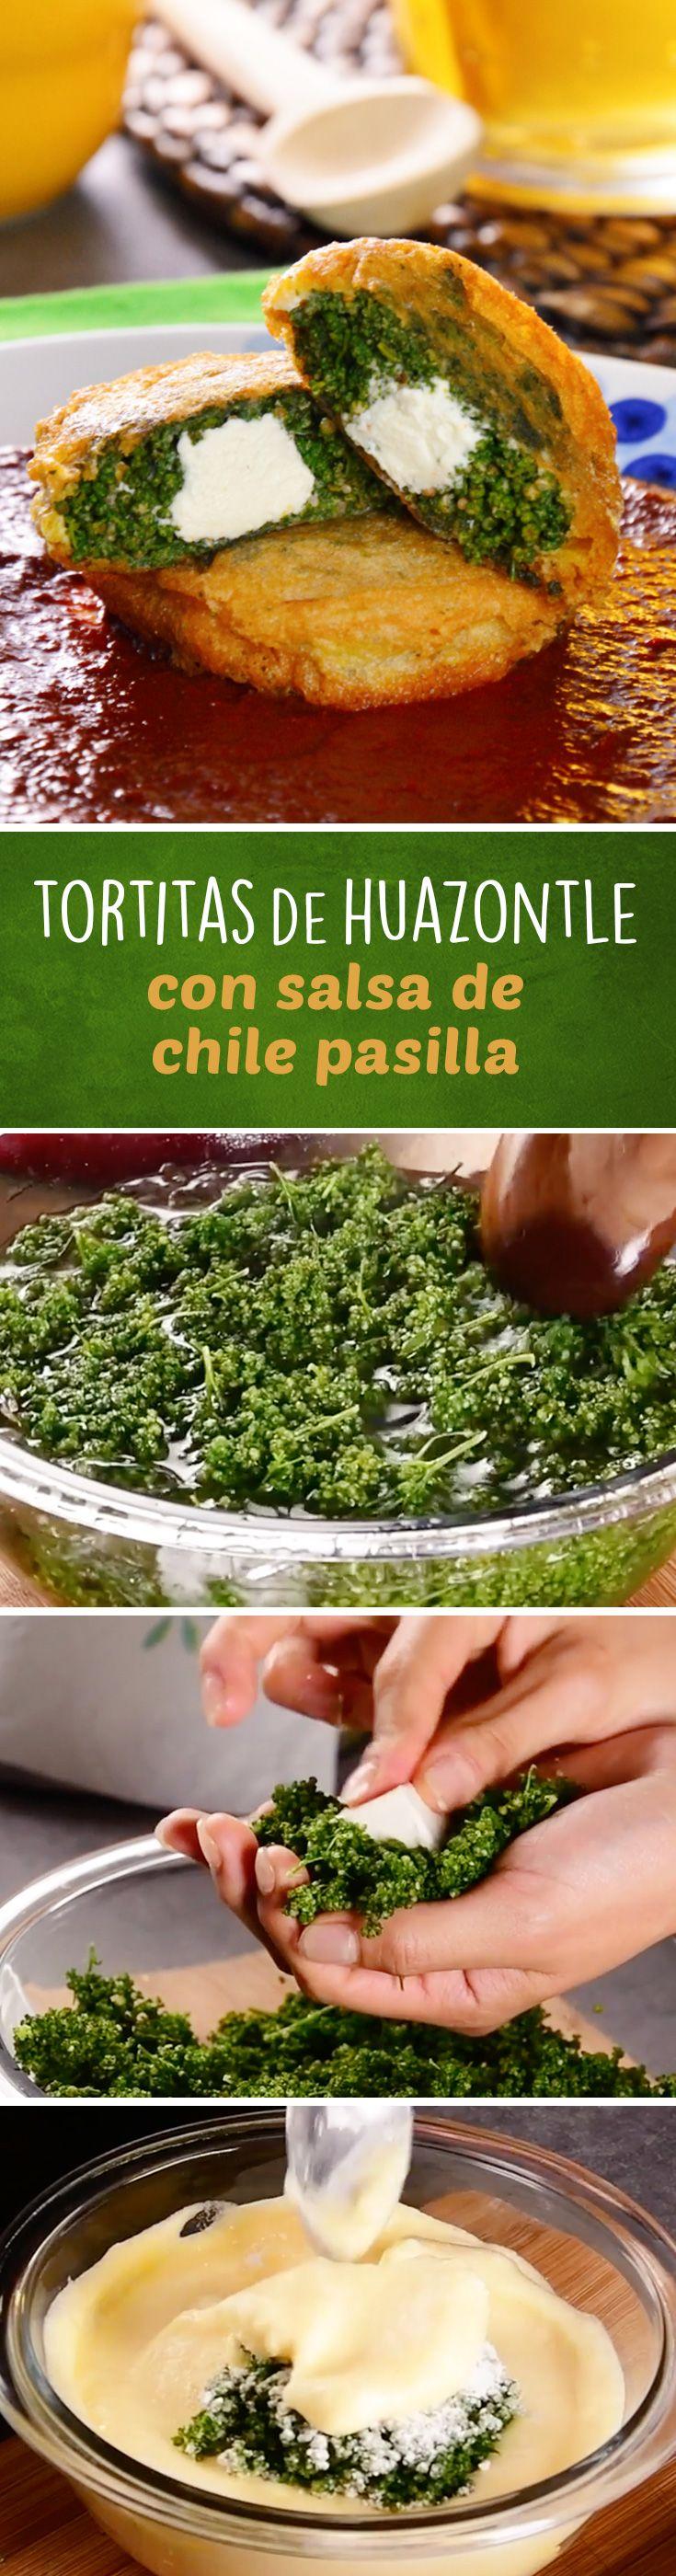 Tortitas capeadas de quelites o huauzontles rellenas de queso con salsa de chile pasilla. Esta receta de cocina mexicana tradicional es un clásico de #cuaresma ya que no tiene carne y rinde para todos.